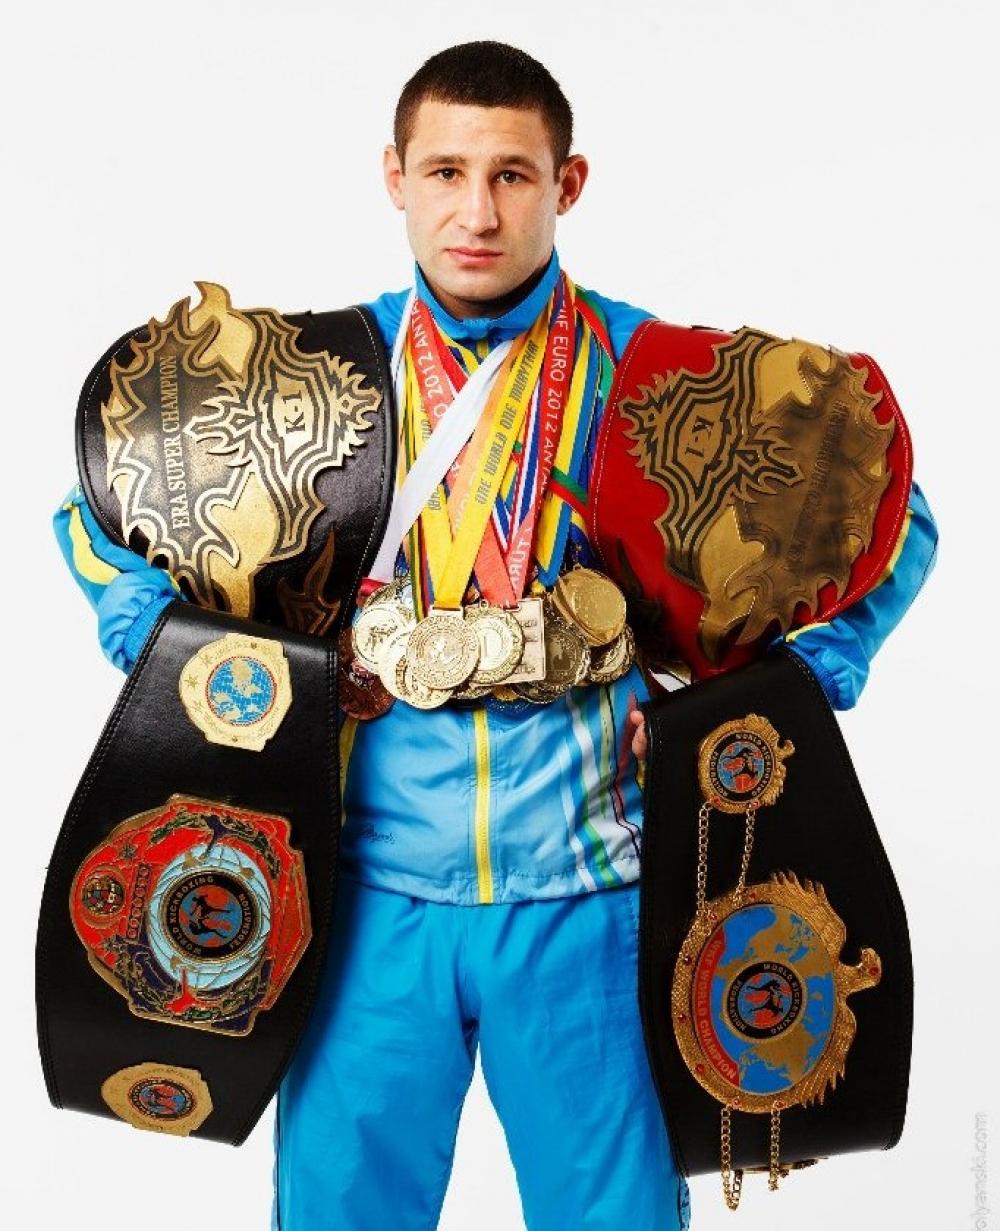 чемпионы мира по кикбоксингу фото самыми